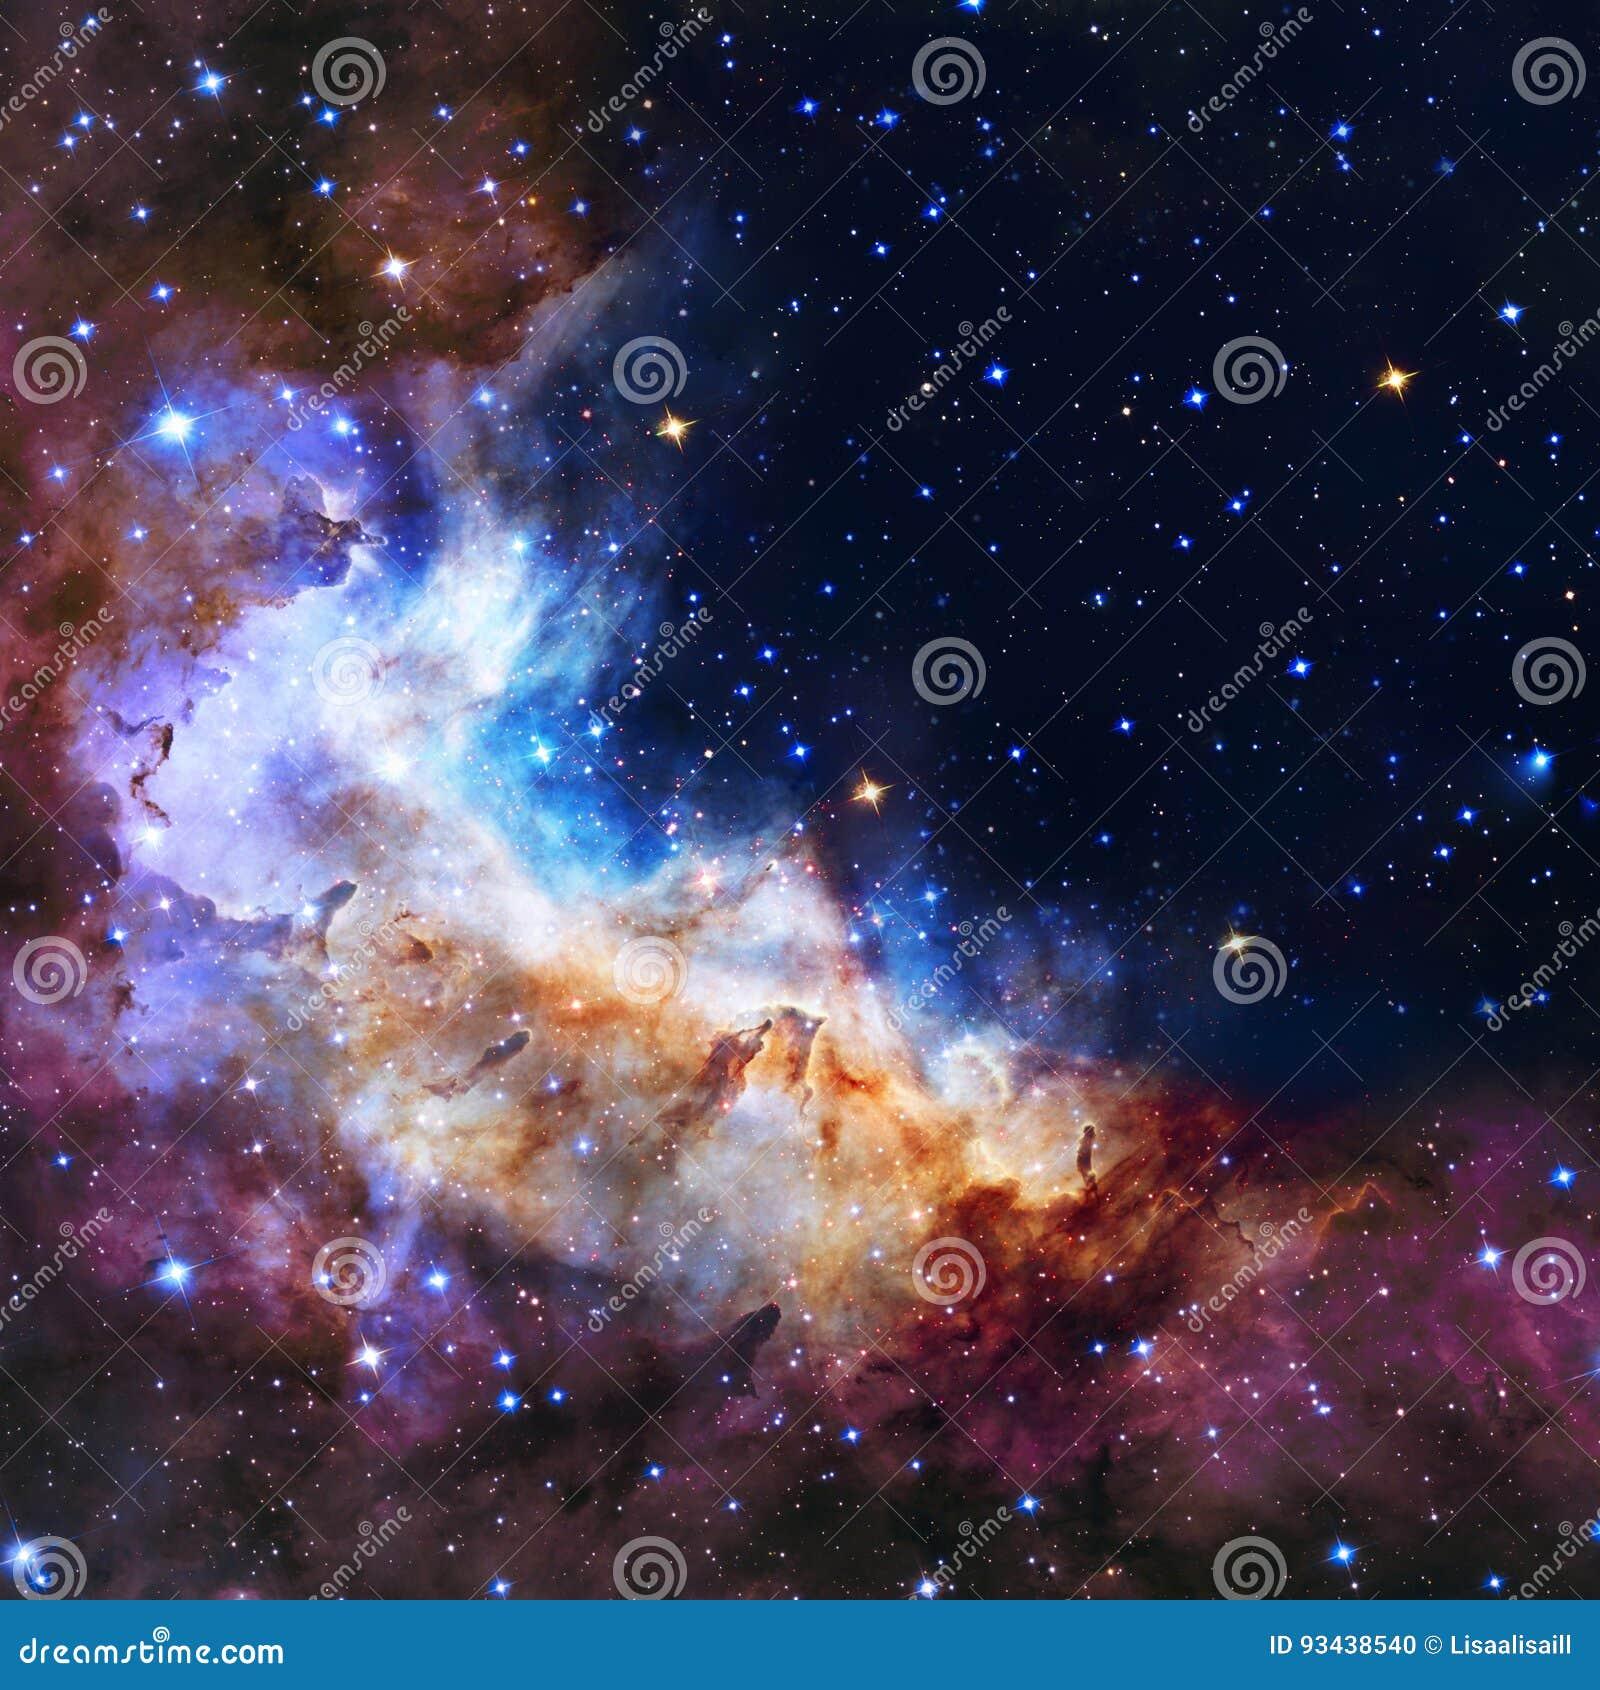 A ilustração da galáxia, fundo com estrelas, nebulosa do espaço, cosmos nubla-se